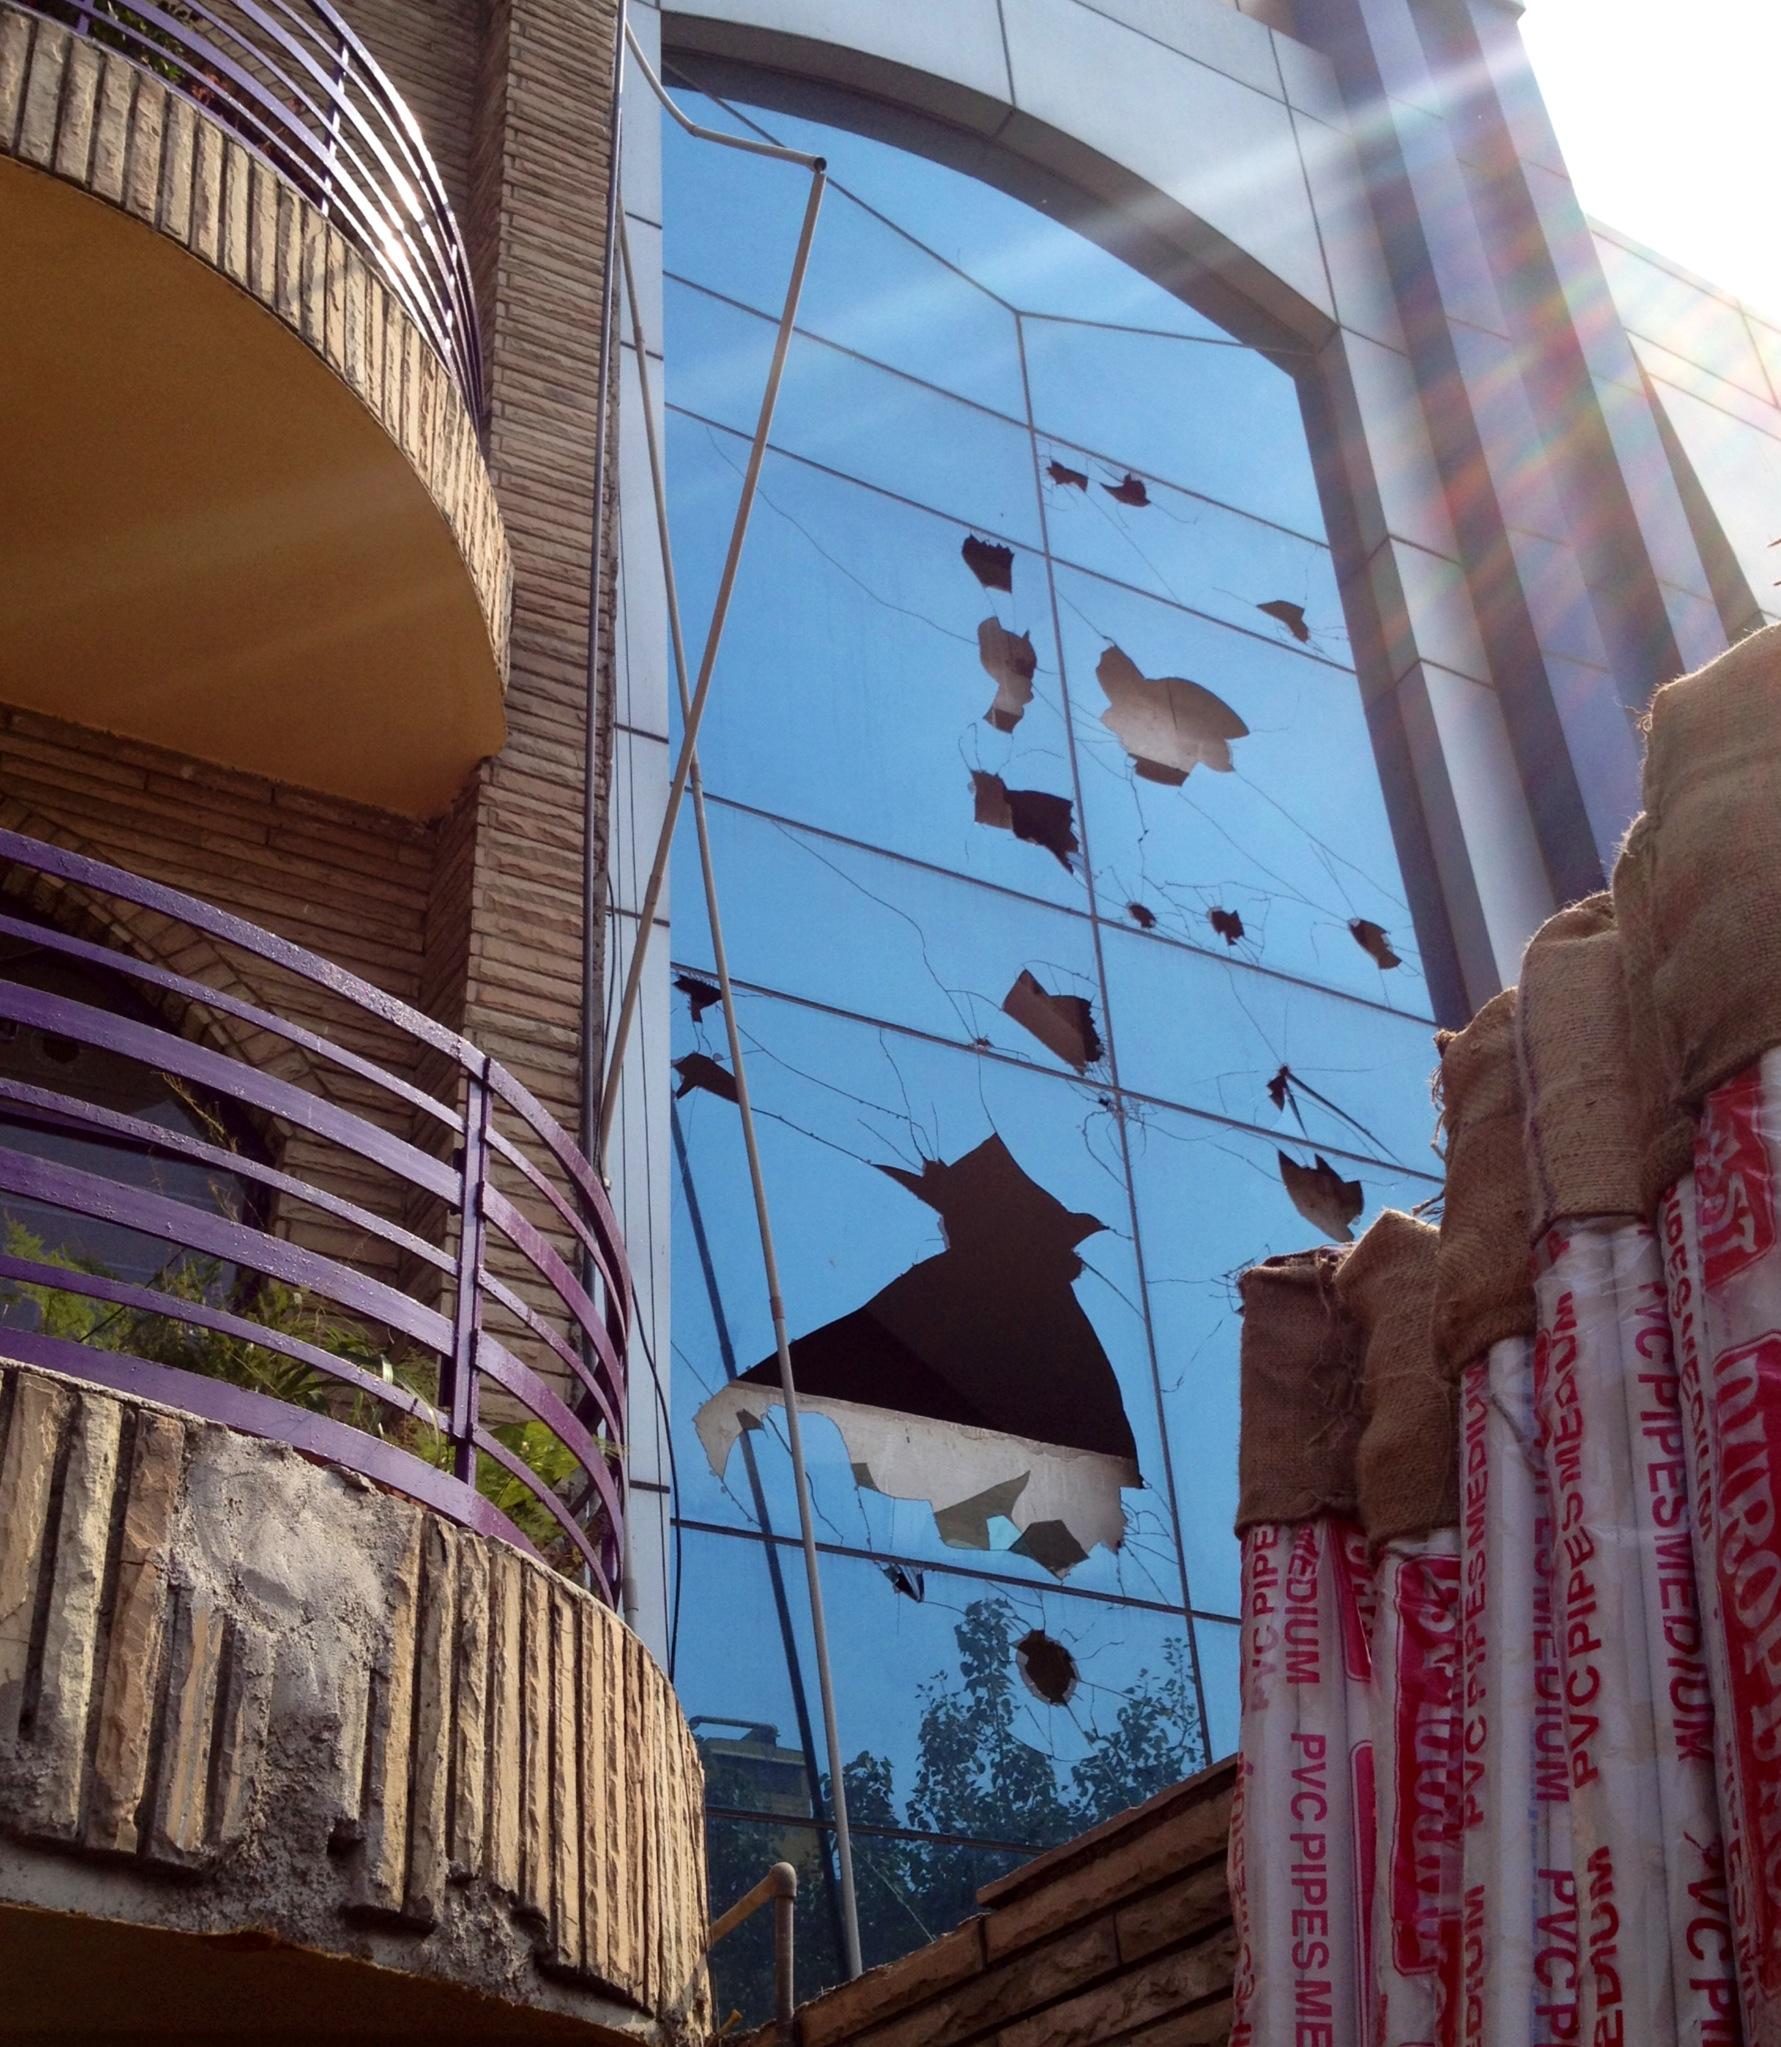 Smashed windows in Okhla Phase 1, New Delhi, India photo